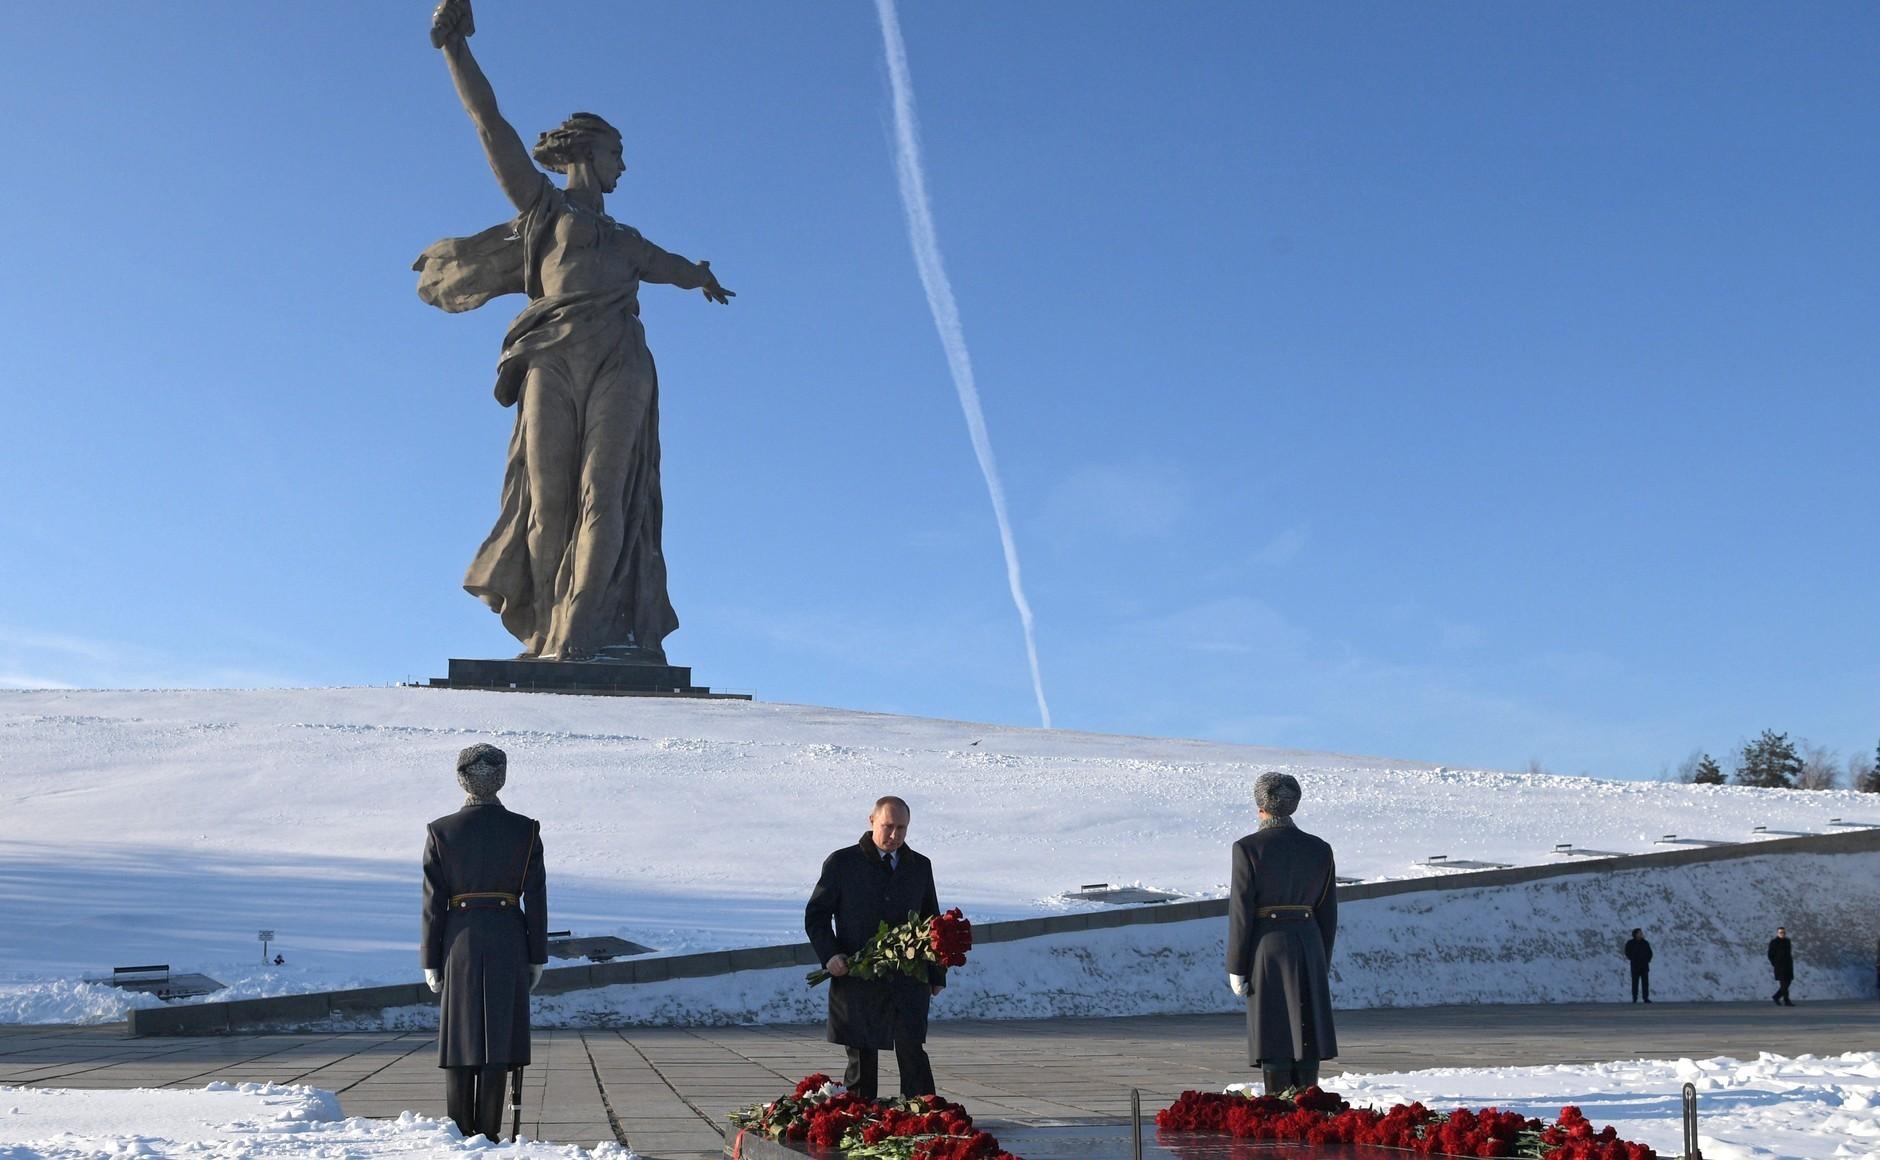 Predsjednik RF Vladimir Putin polaže cvijeće na grob dvostrukog Heroja Sovjetskog Saveza, maršala Vasilija Čujkova u Državnom povijesno-memorijalnom muzeju